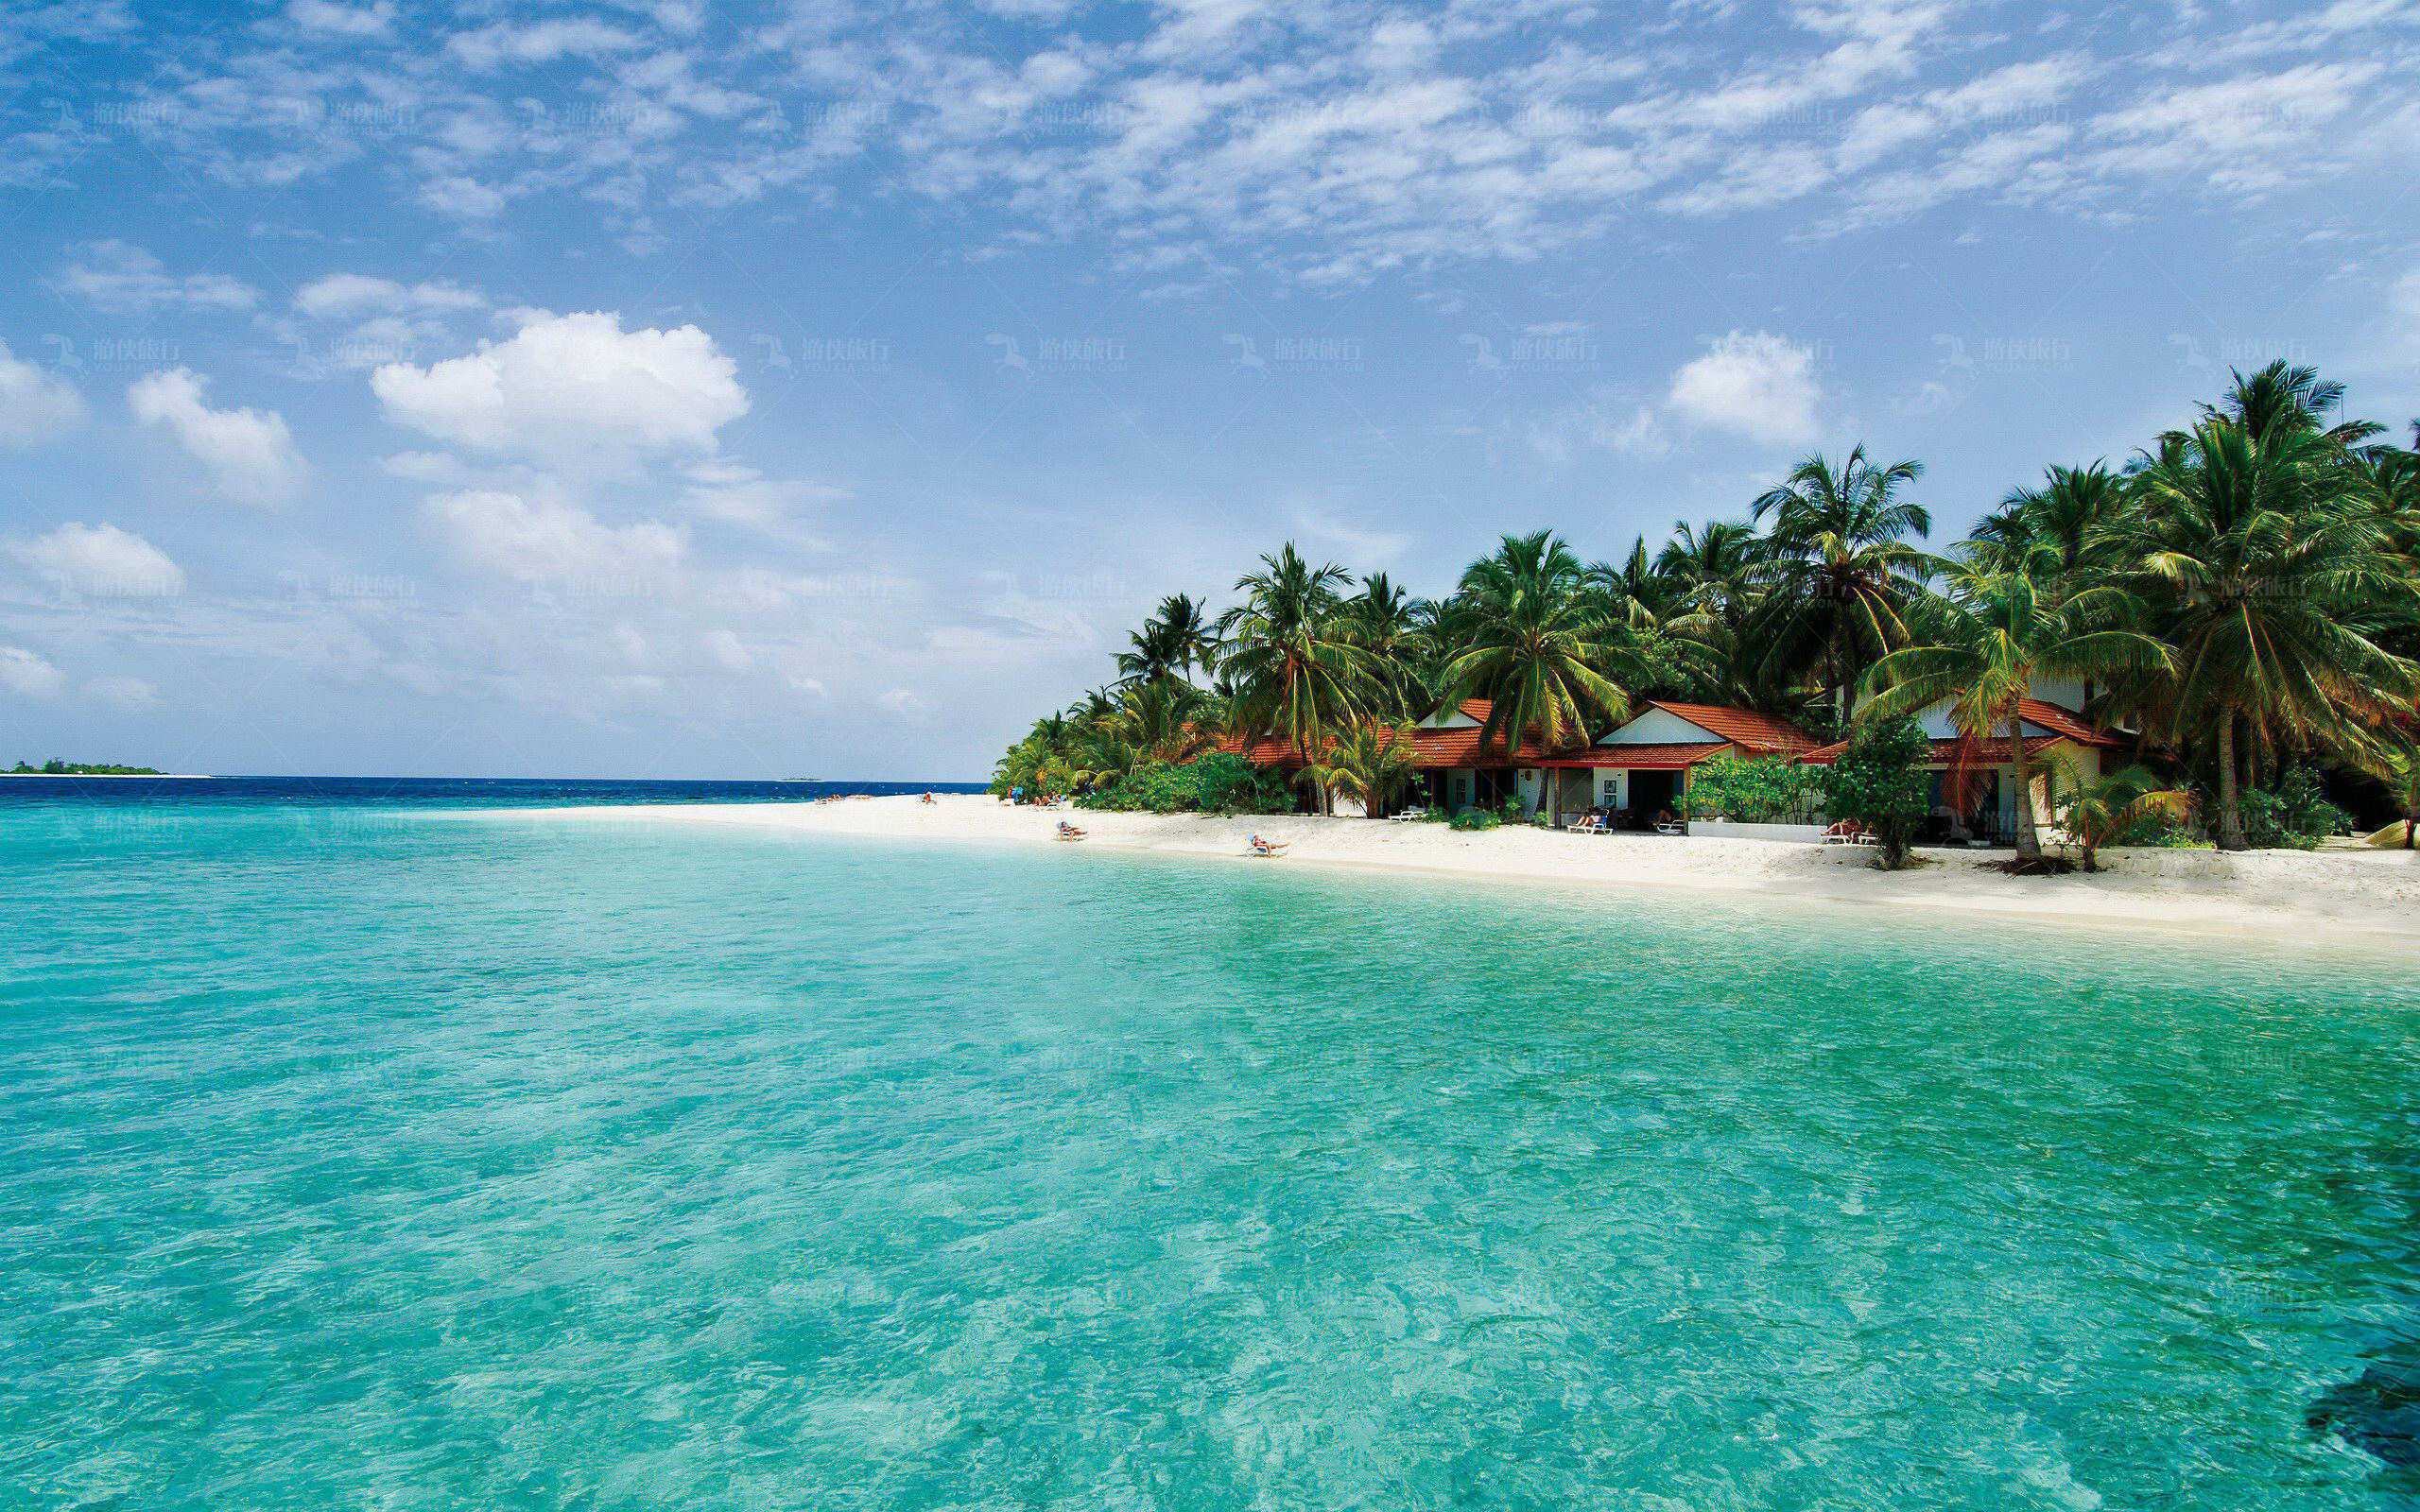 马尔代夫晶莹剔透海水